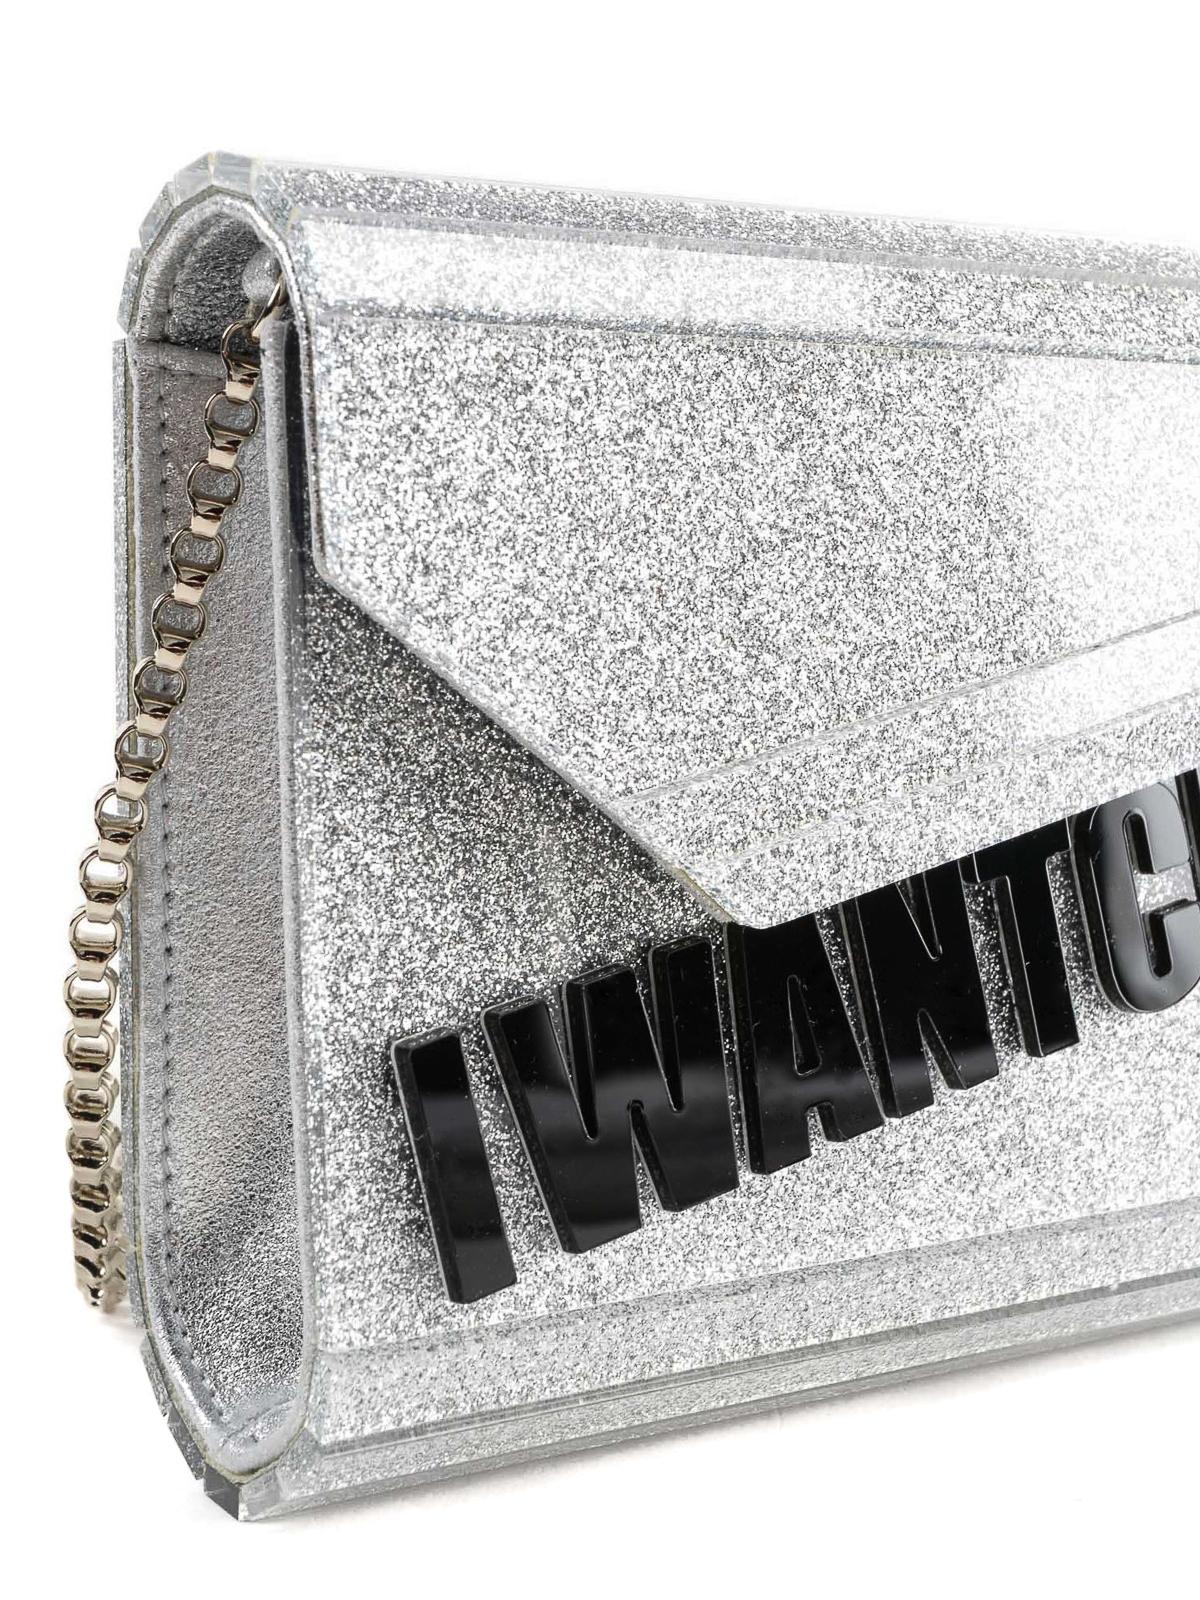 eb08b84f98615 Jimmy Choo - Candy-I Want Choo silver glitter clutch - clutches ...